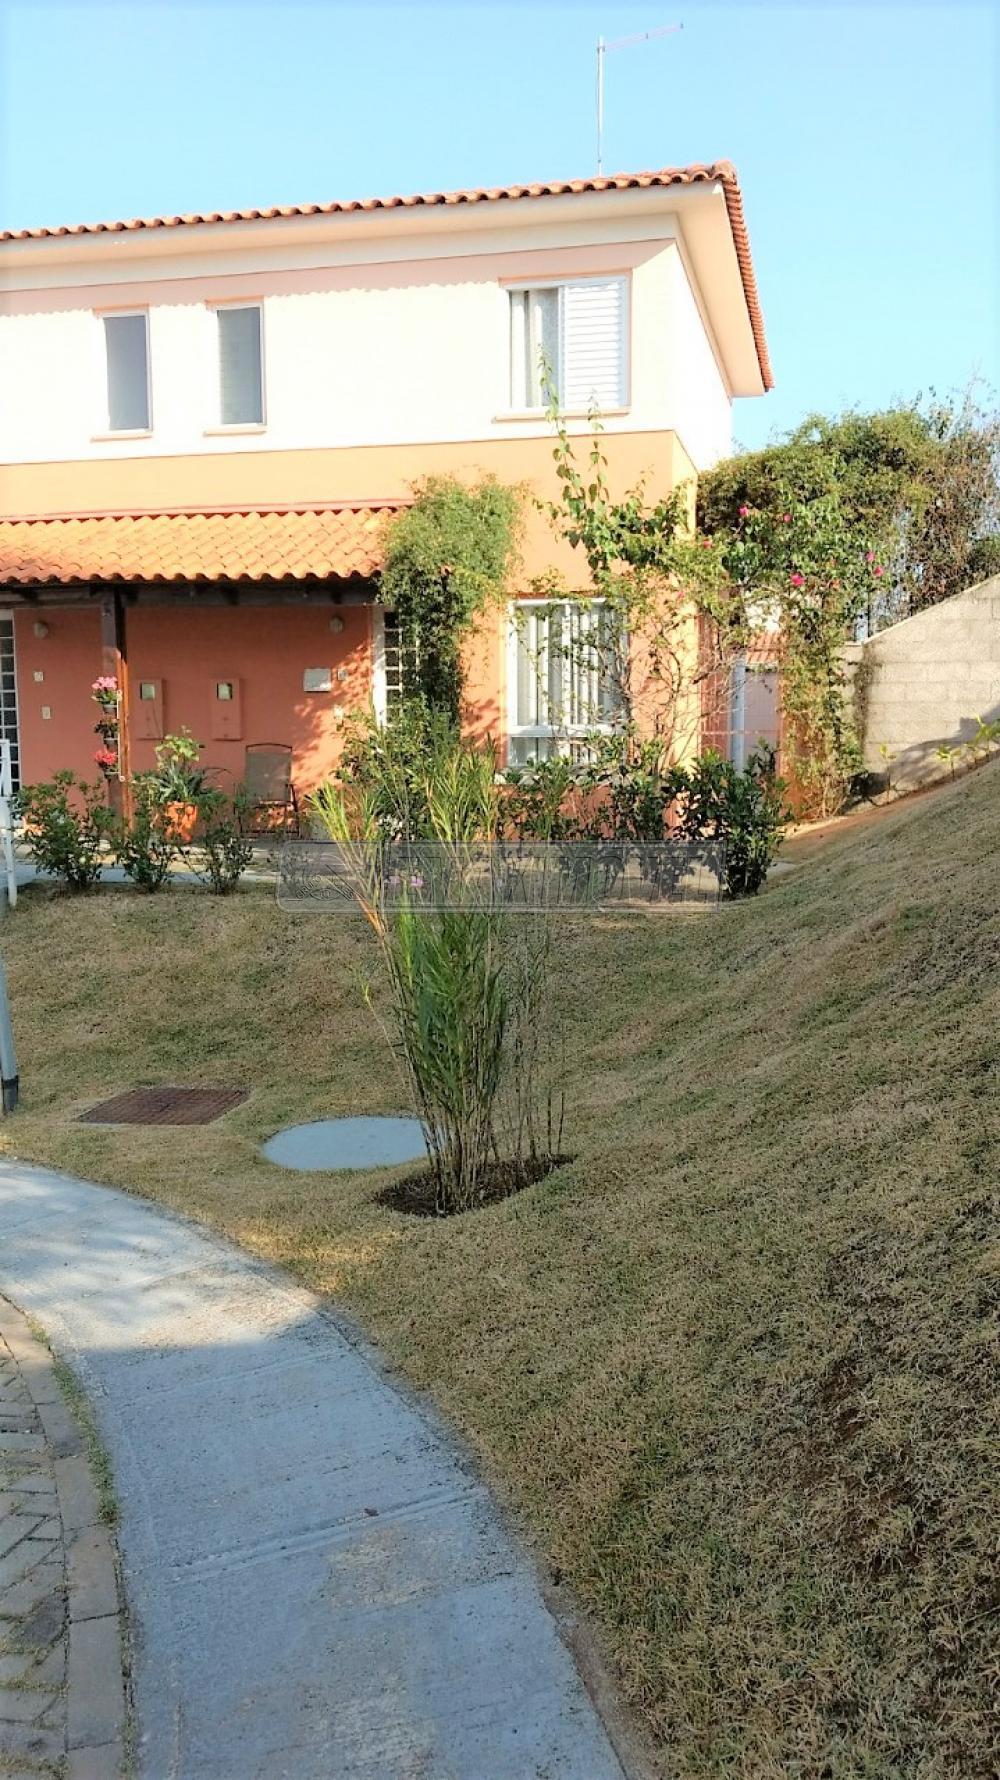 Comprar Casas / em Condomínios em Votorantim apenas R$ 330.000,00 - Foto 1